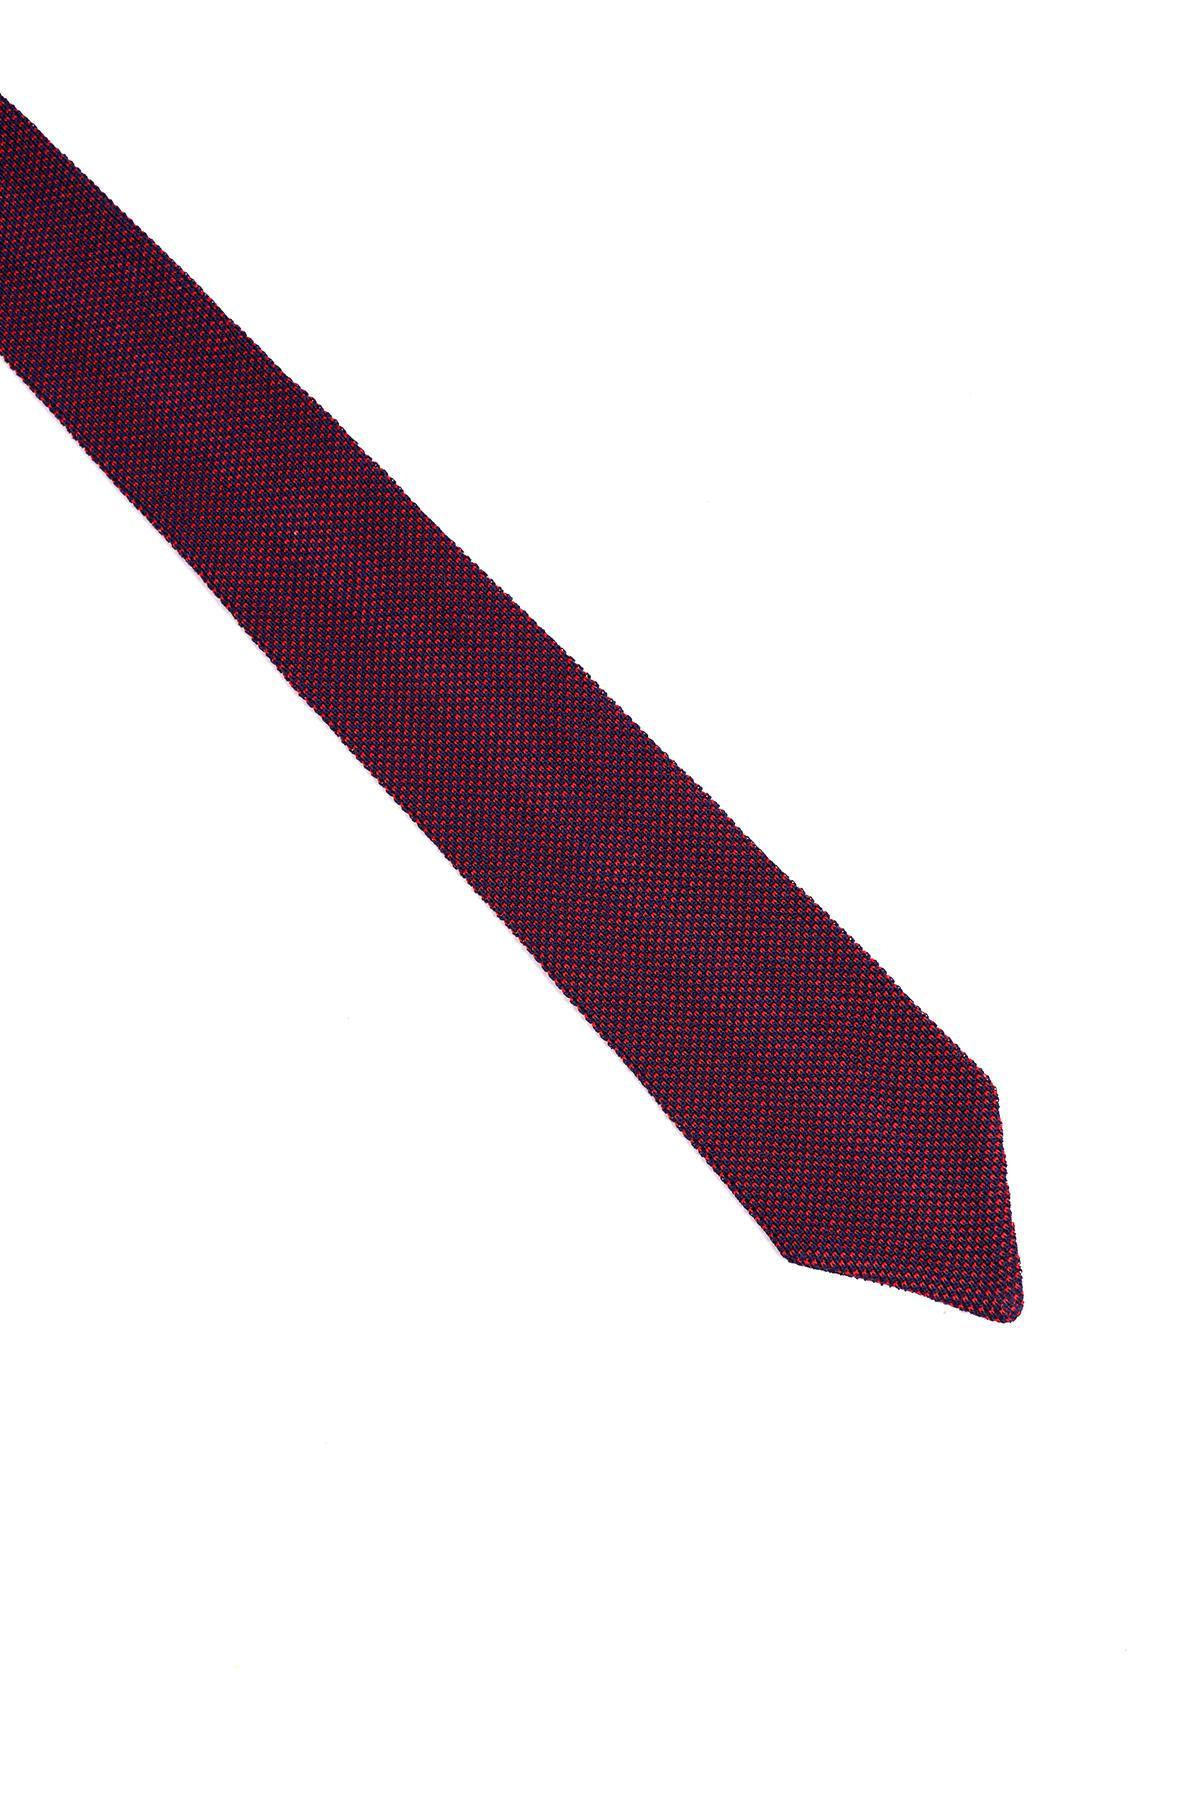 Lacivert Kırmızı Mikro Desen Örgü Kravat